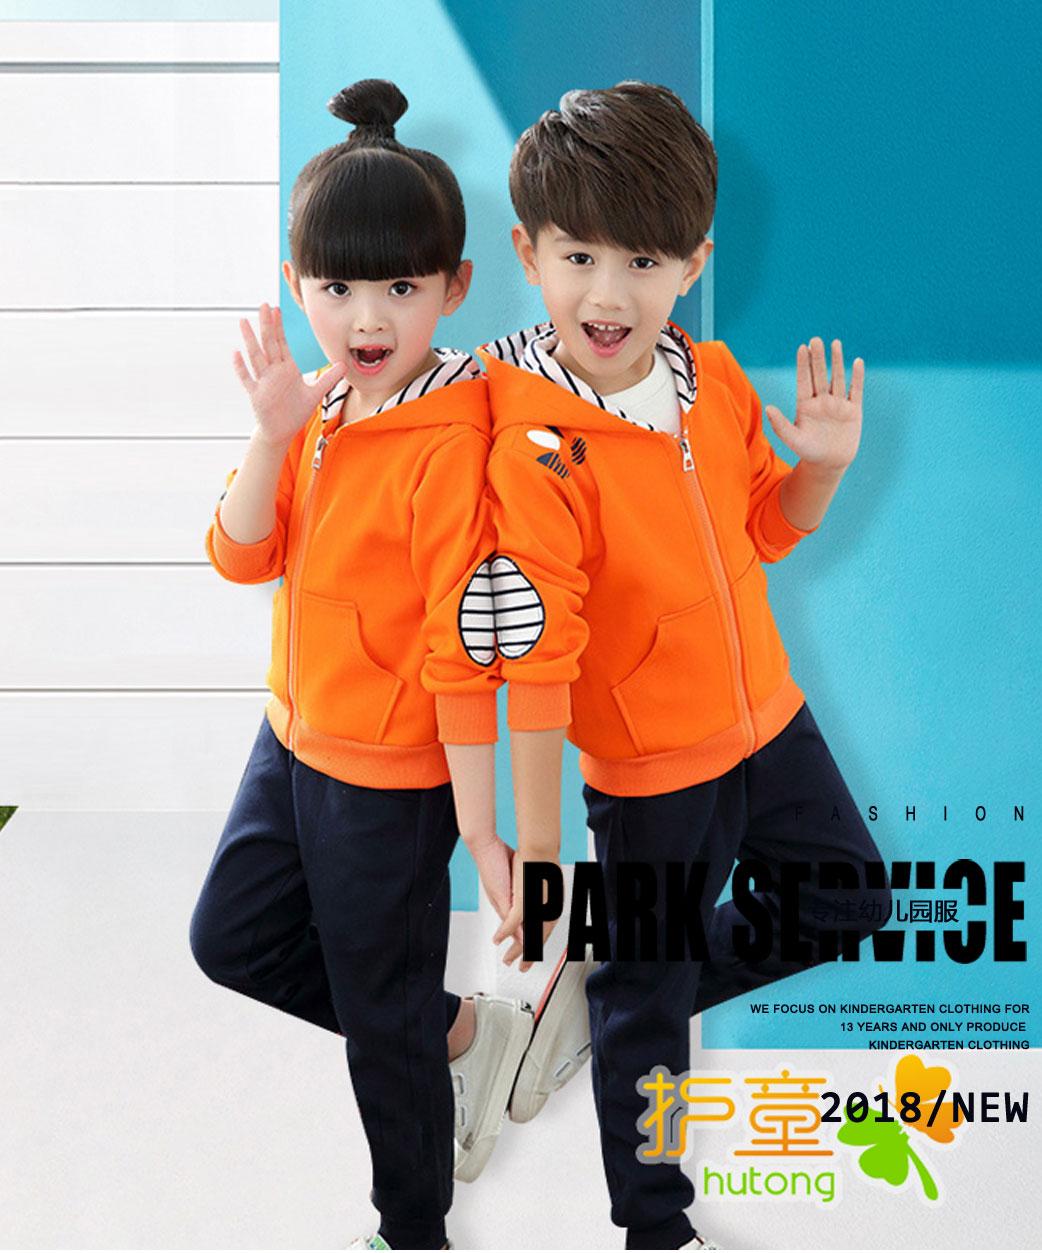 三种体型的幼儿园校服搭配技巧